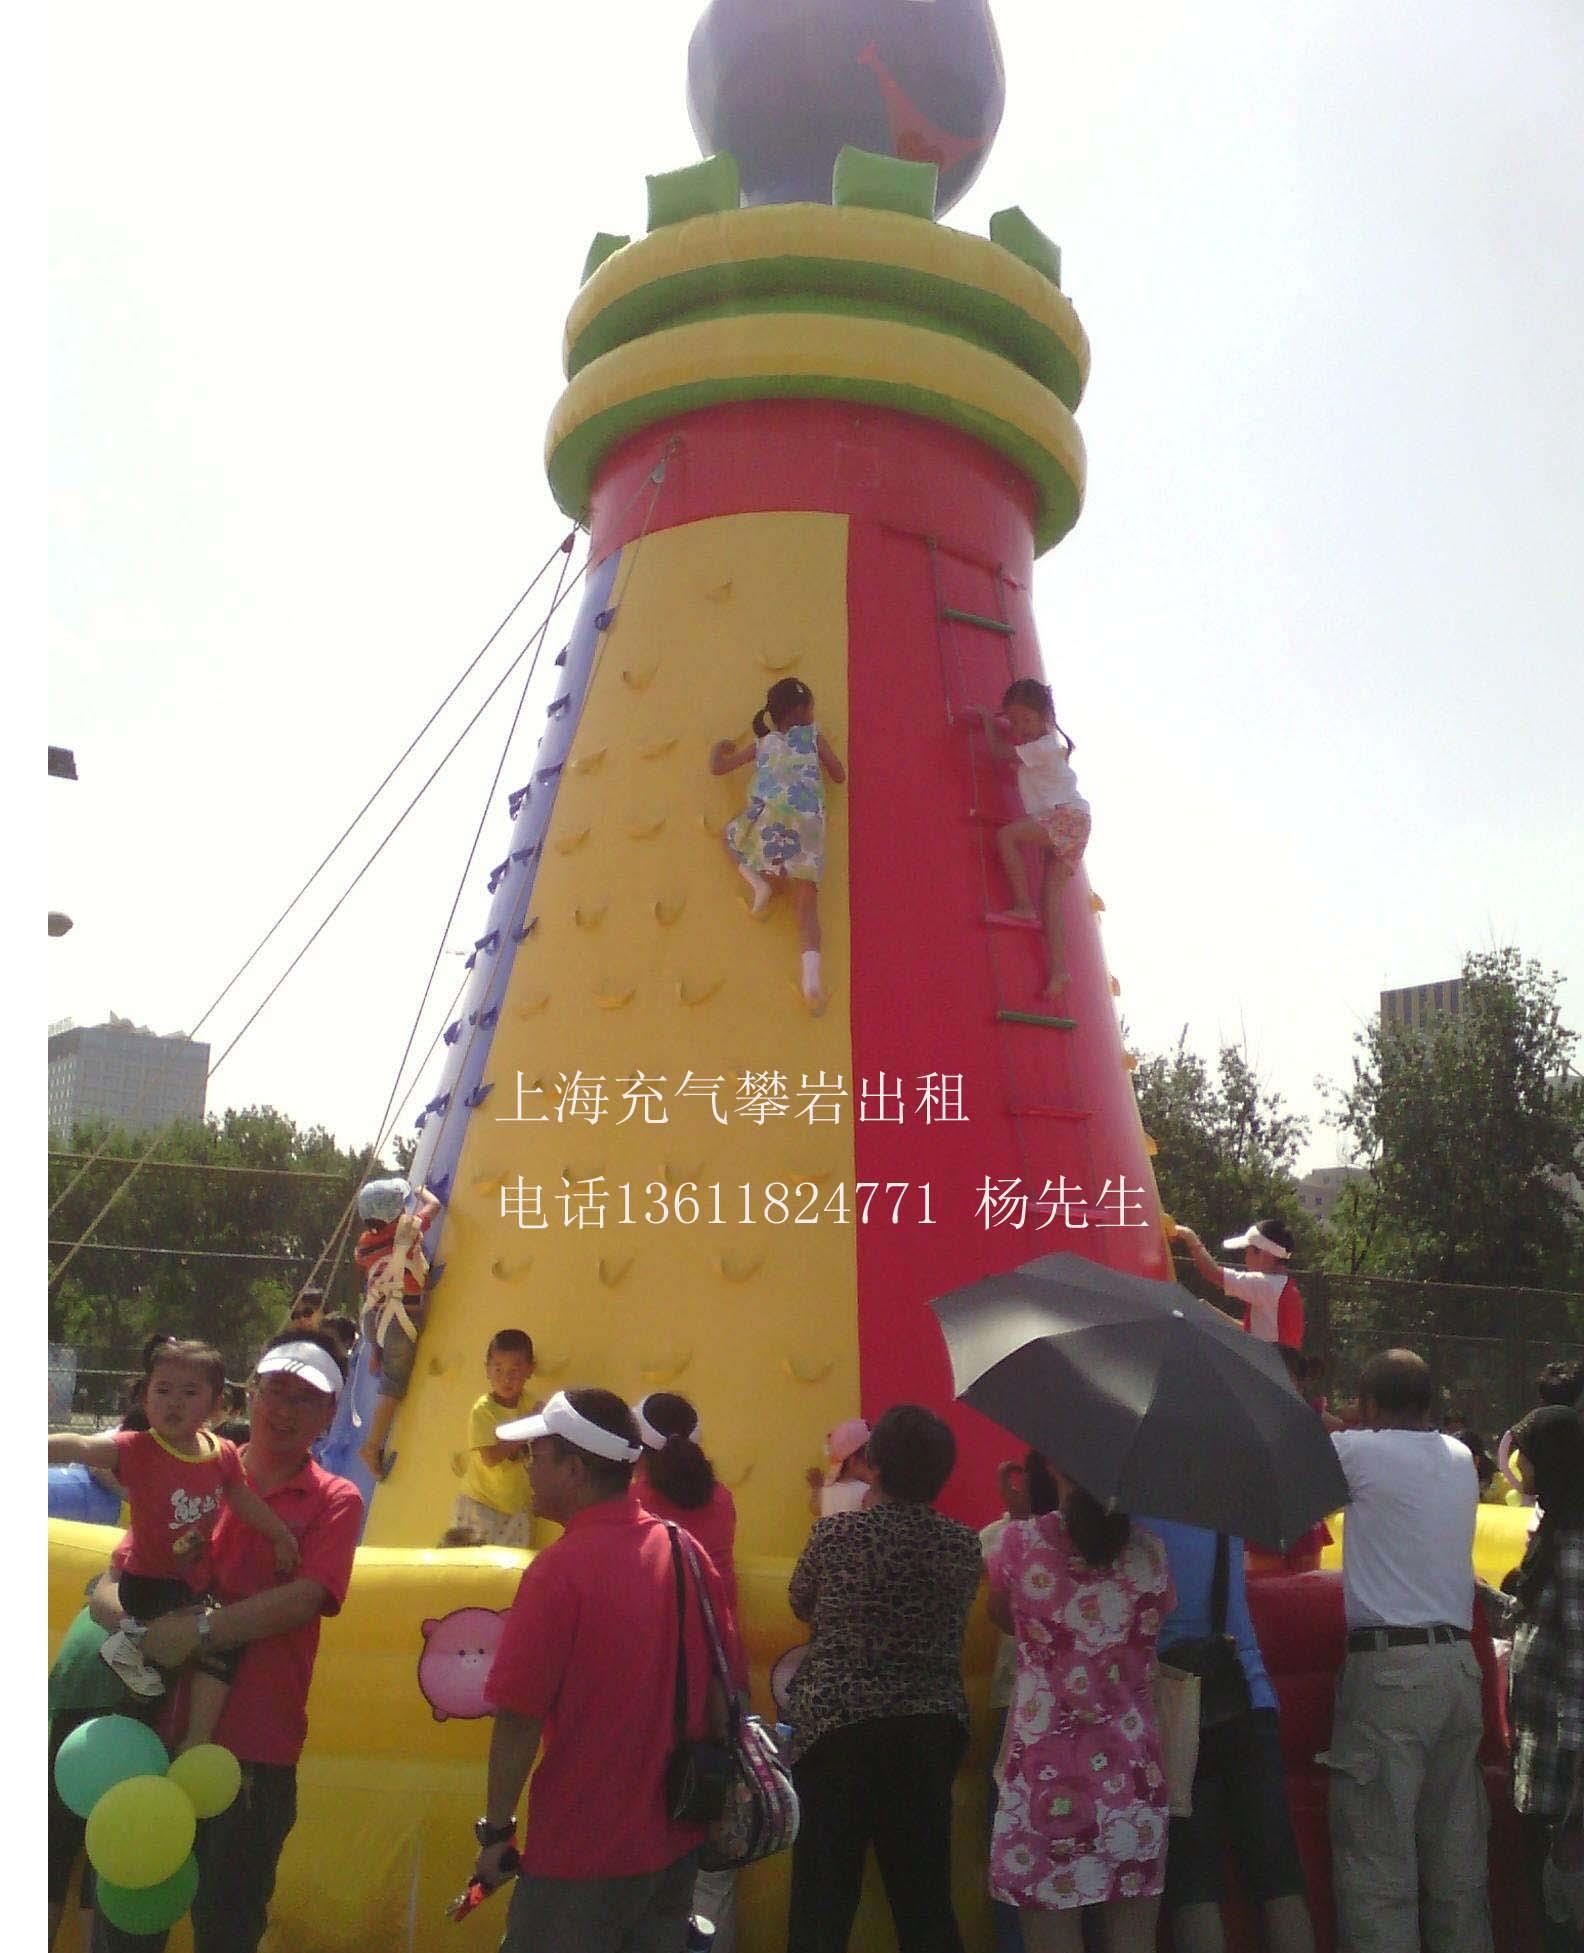 六一儿童节迪士尼充气城堡设备出租儿童水上乐园捞金鱼池租赁